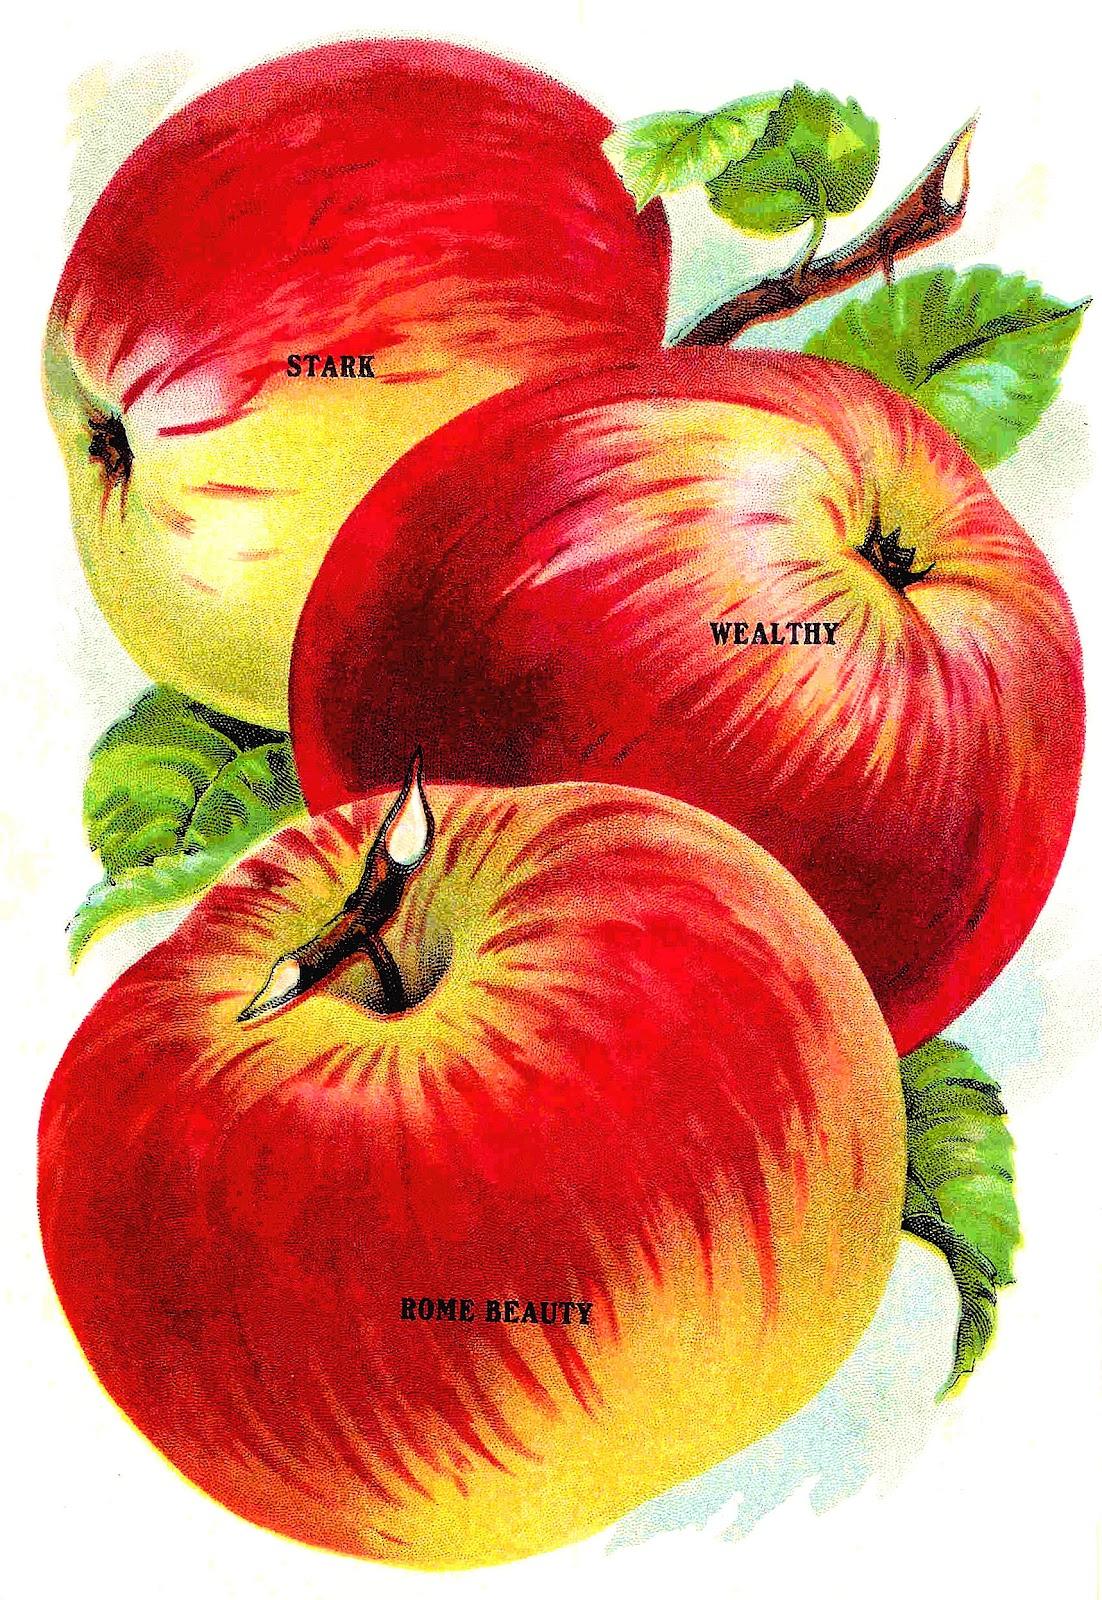 Antique Images: Vintage Clip Art of Fruit: Vintage Graphic ...